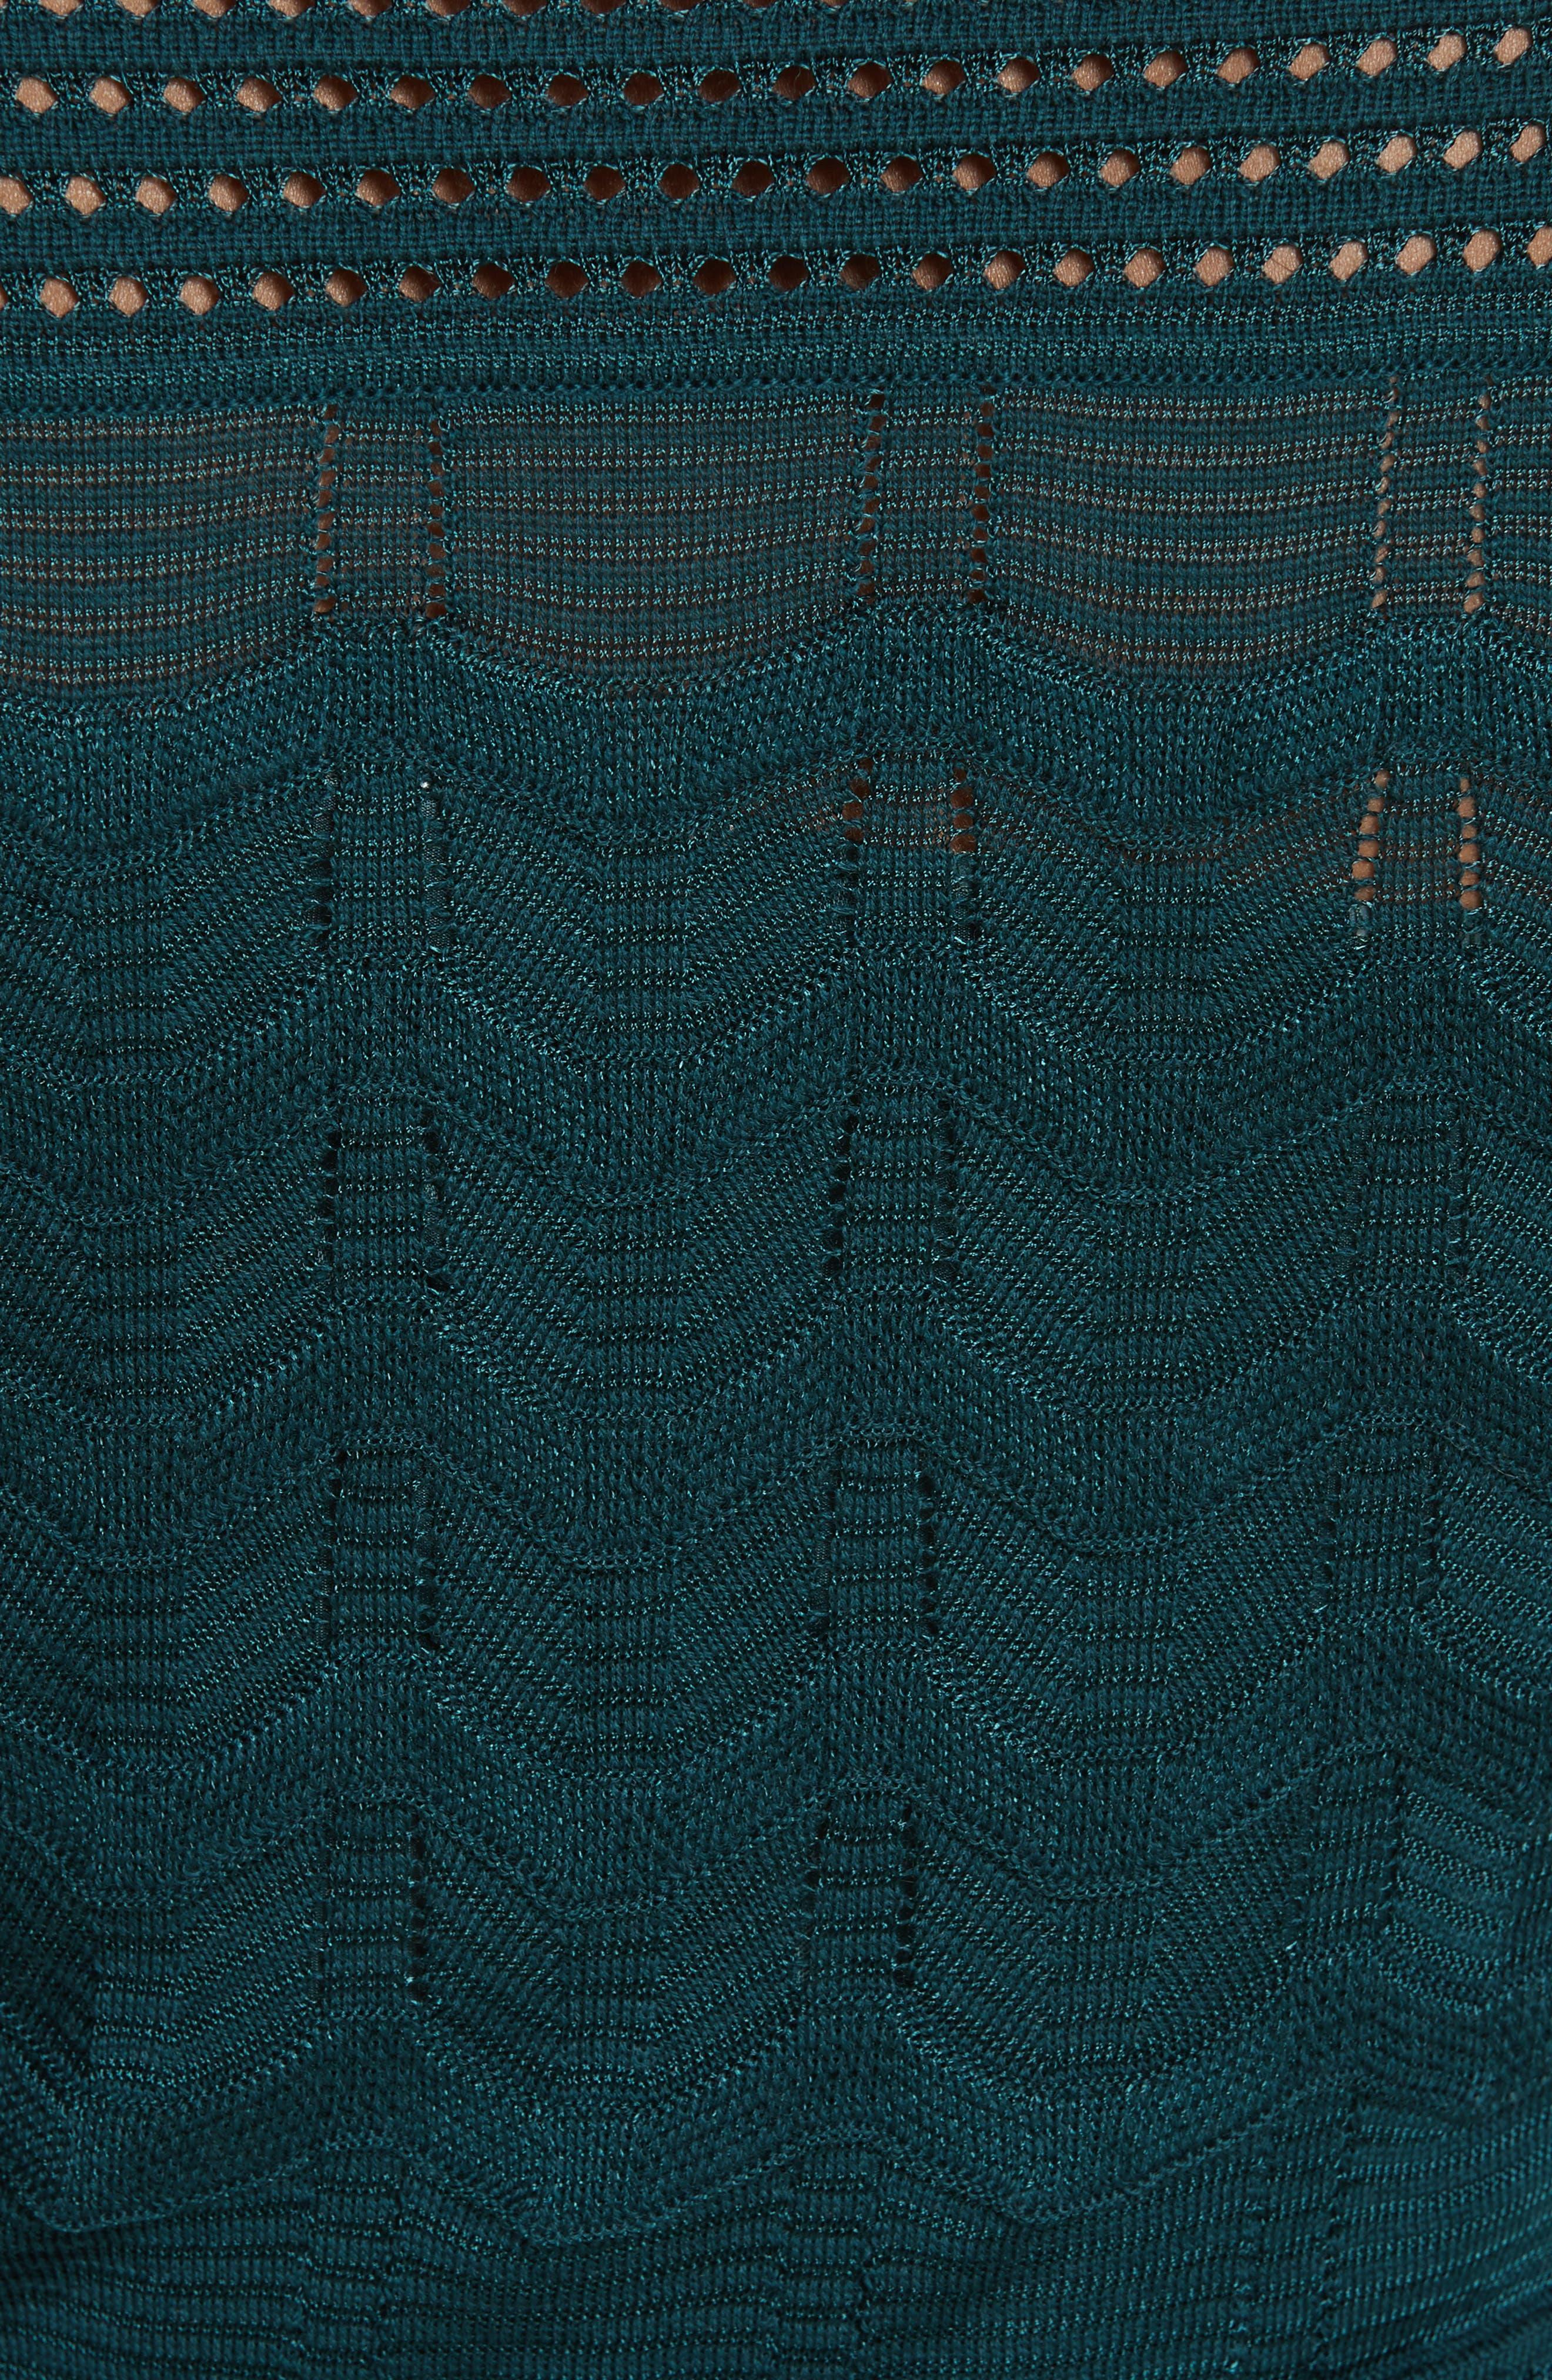 Mesh Detail A-Line Dress,                             Alternate thumbnail 5, color,                             440